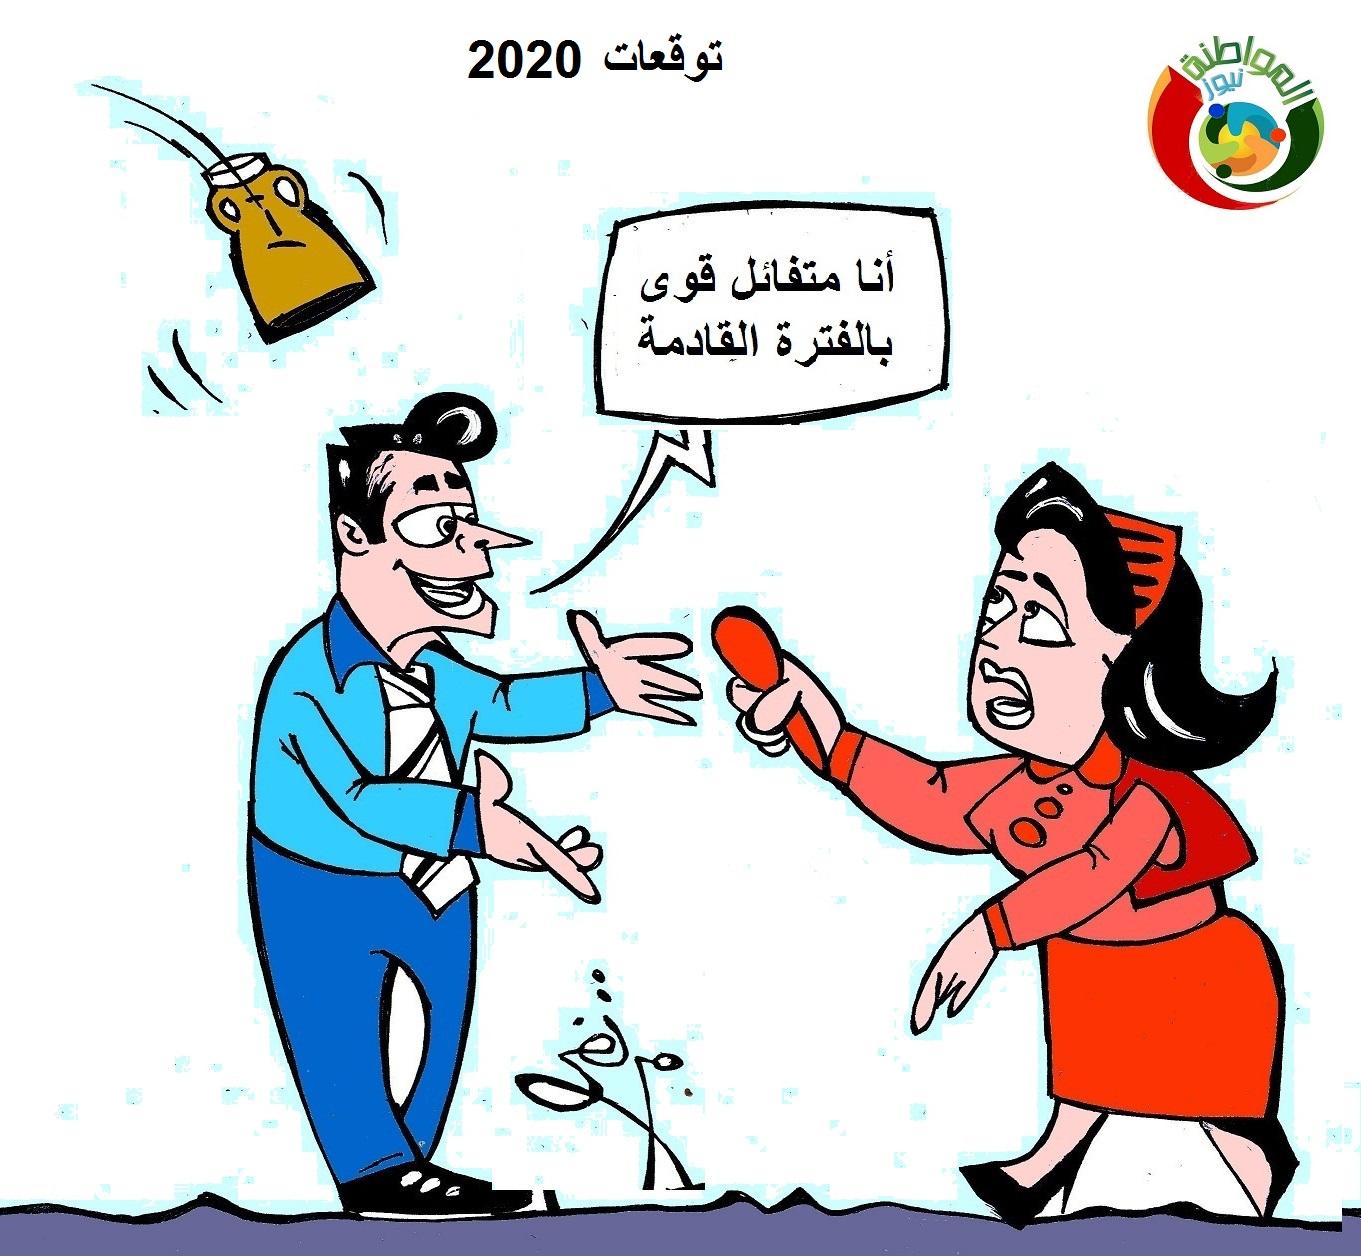 كاريكاتير المواطنة نيوز 4520202